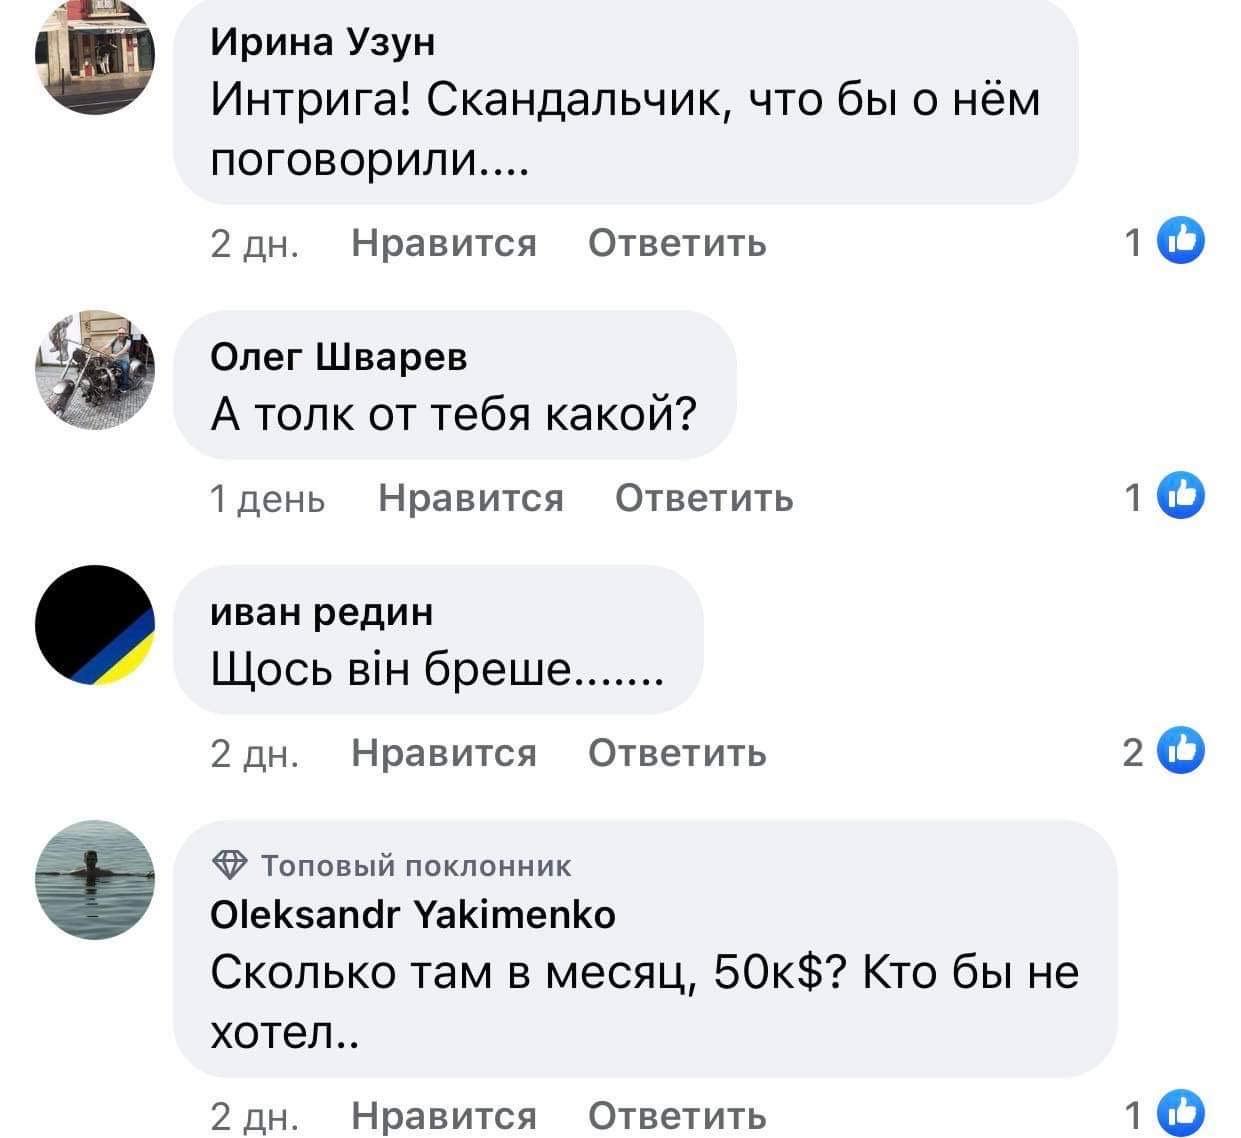 «До Евро говорил о работе в клубе, а после Евро клуба не оказалось»: как украинцы реагируют на заявление Шевченко - фото 7